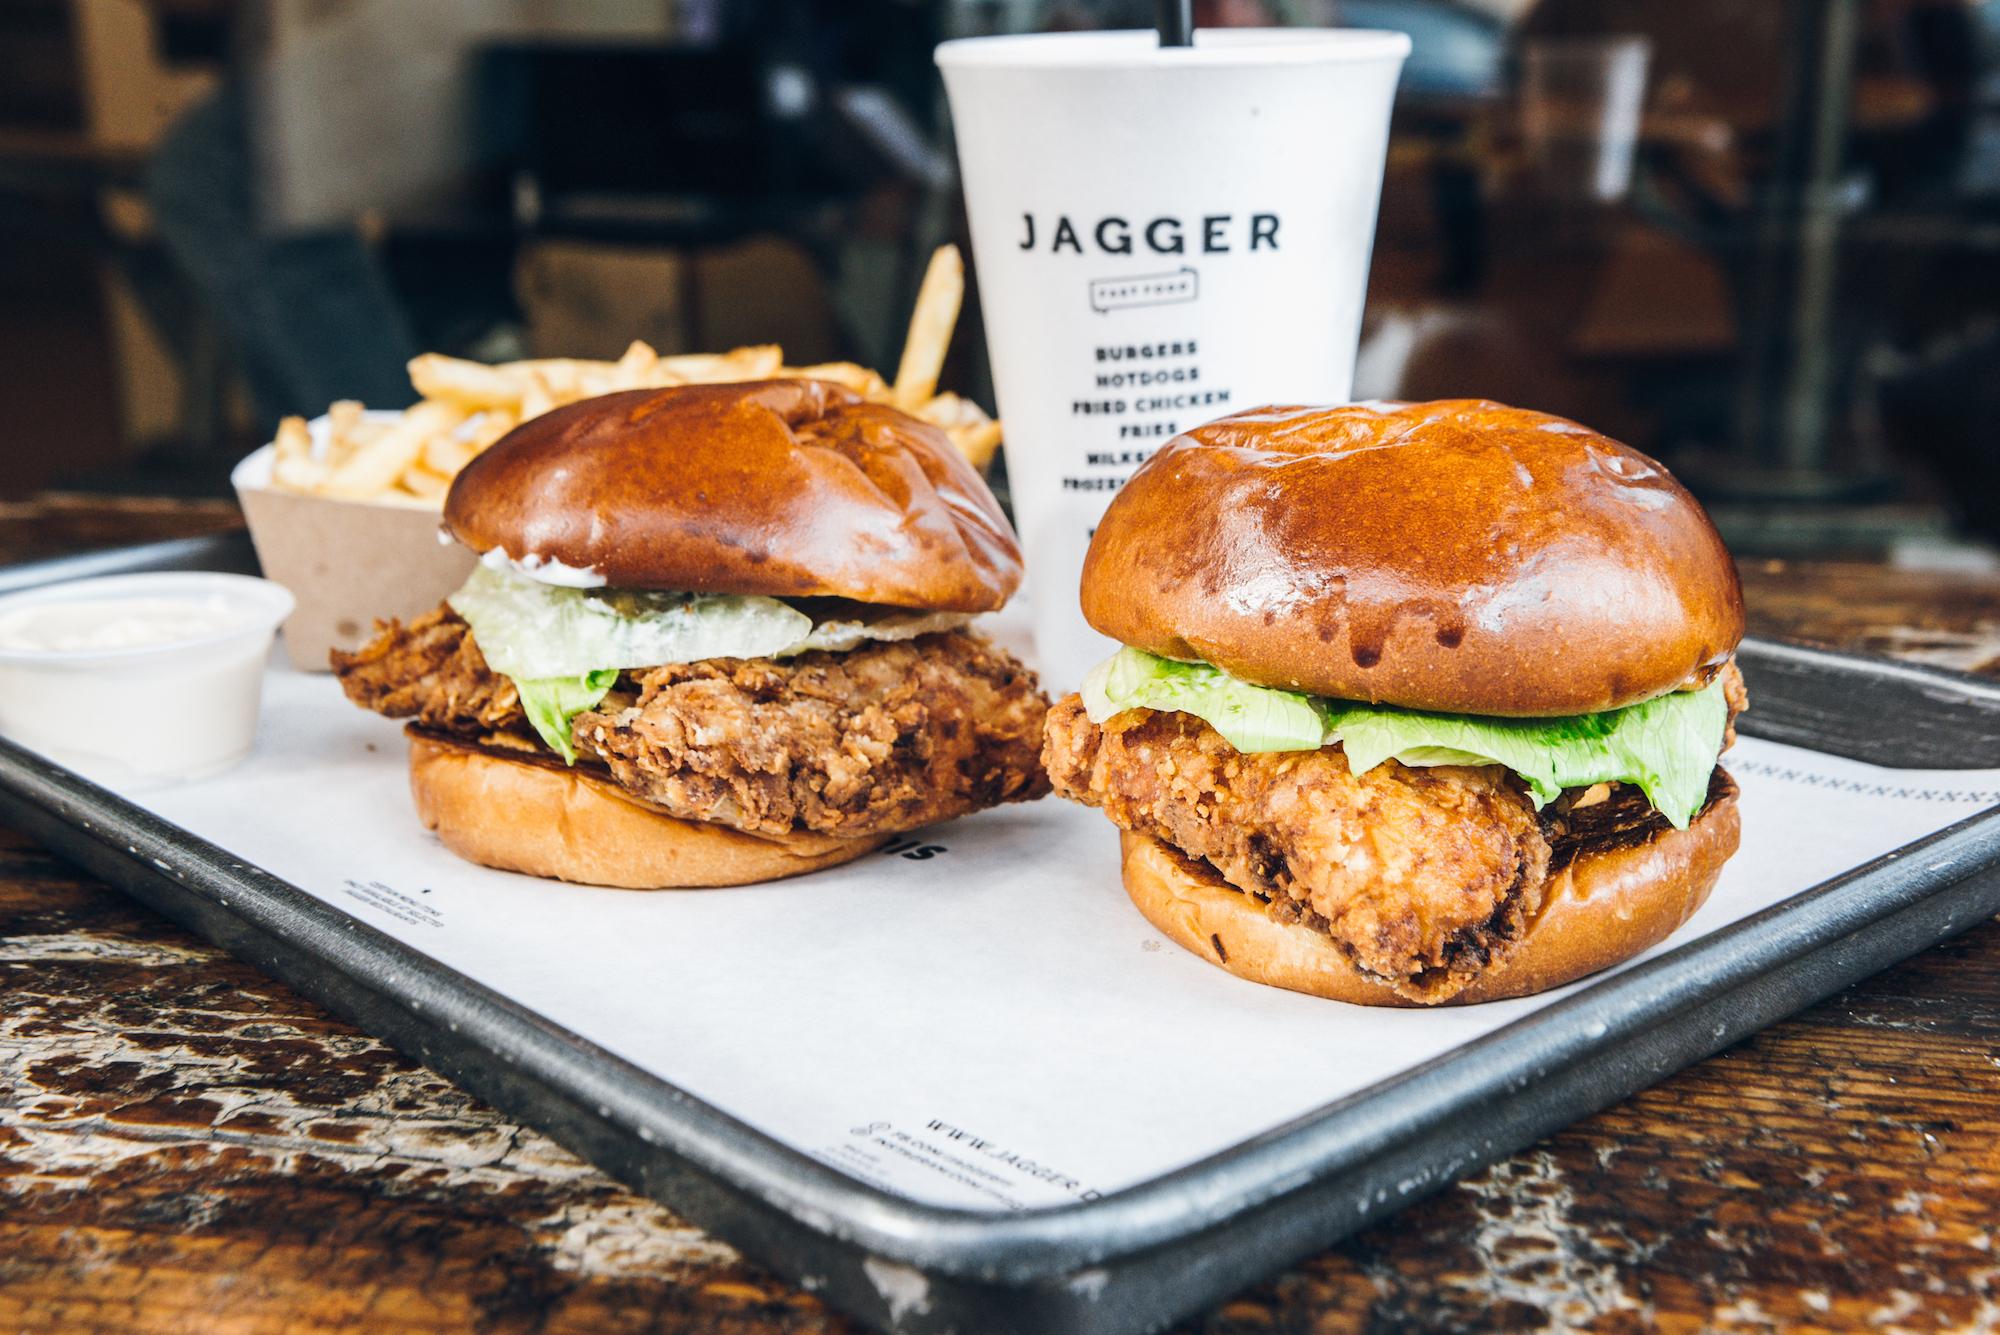 Nørrebro, Jagger, fast food